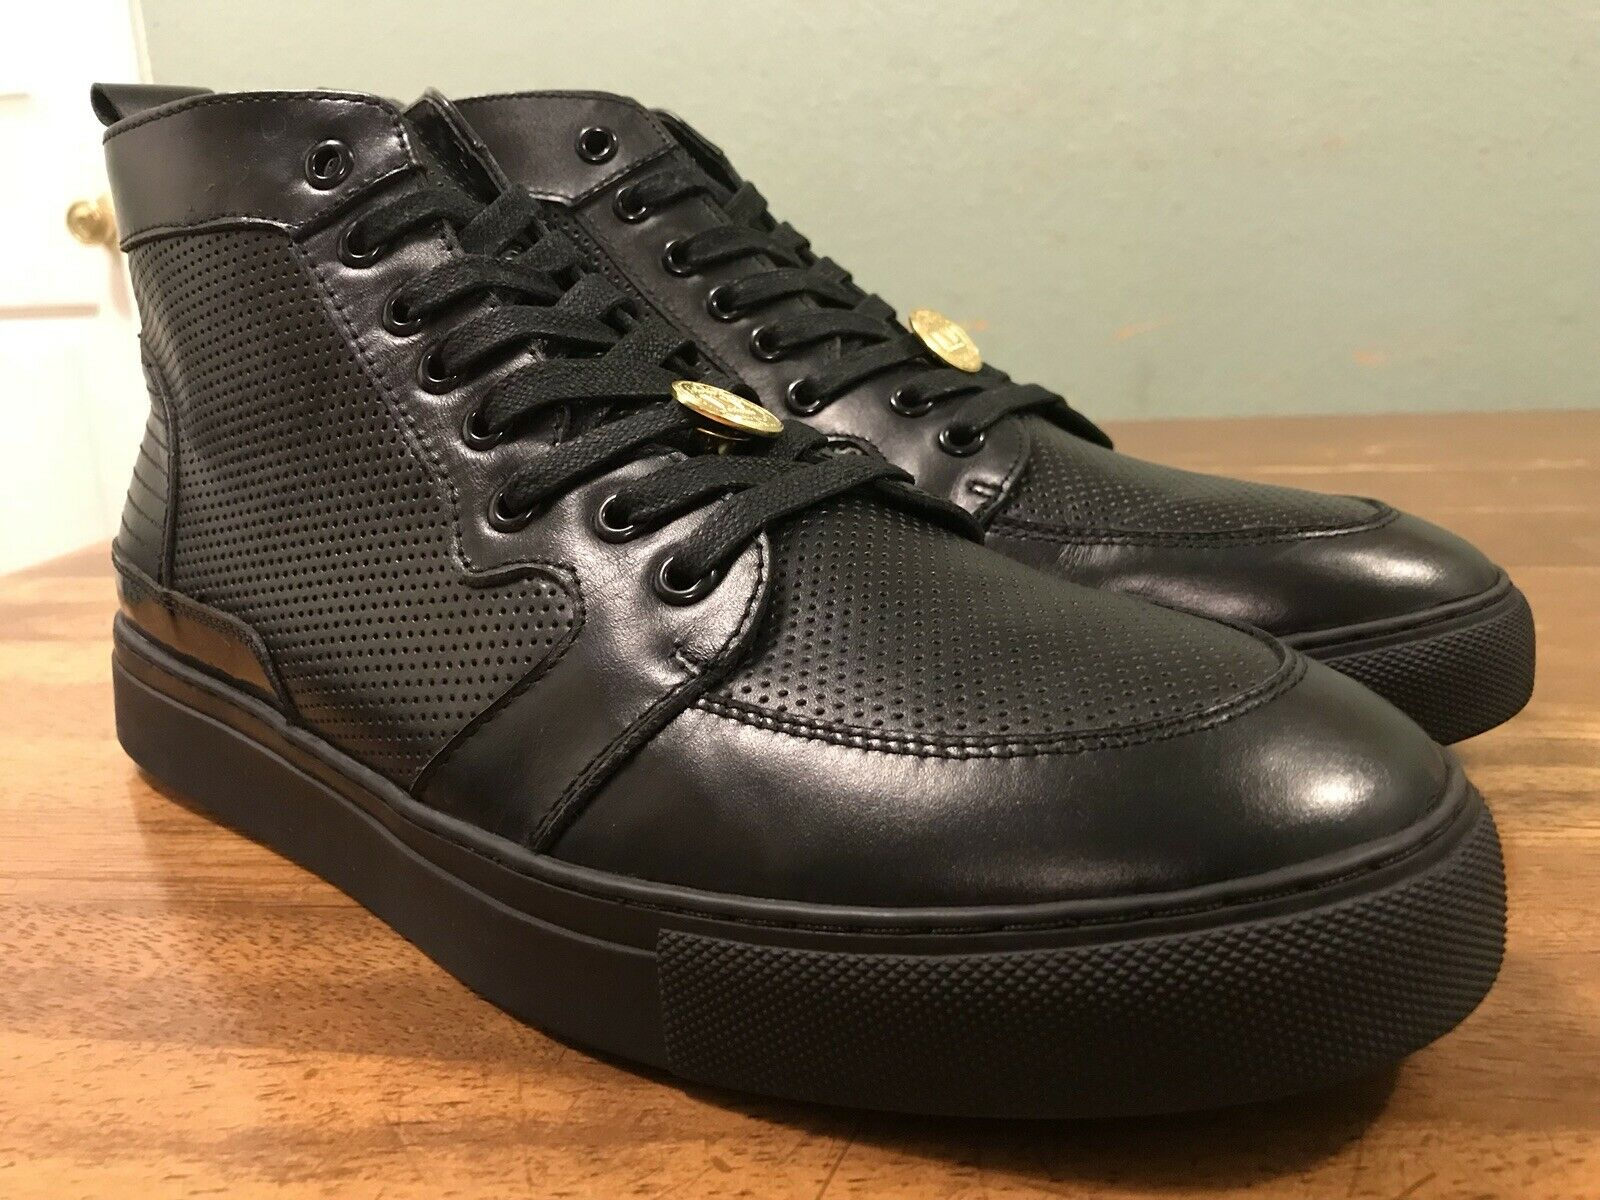 JVP Melbourne Sneakers Men's Size EUR 45 US 11.5